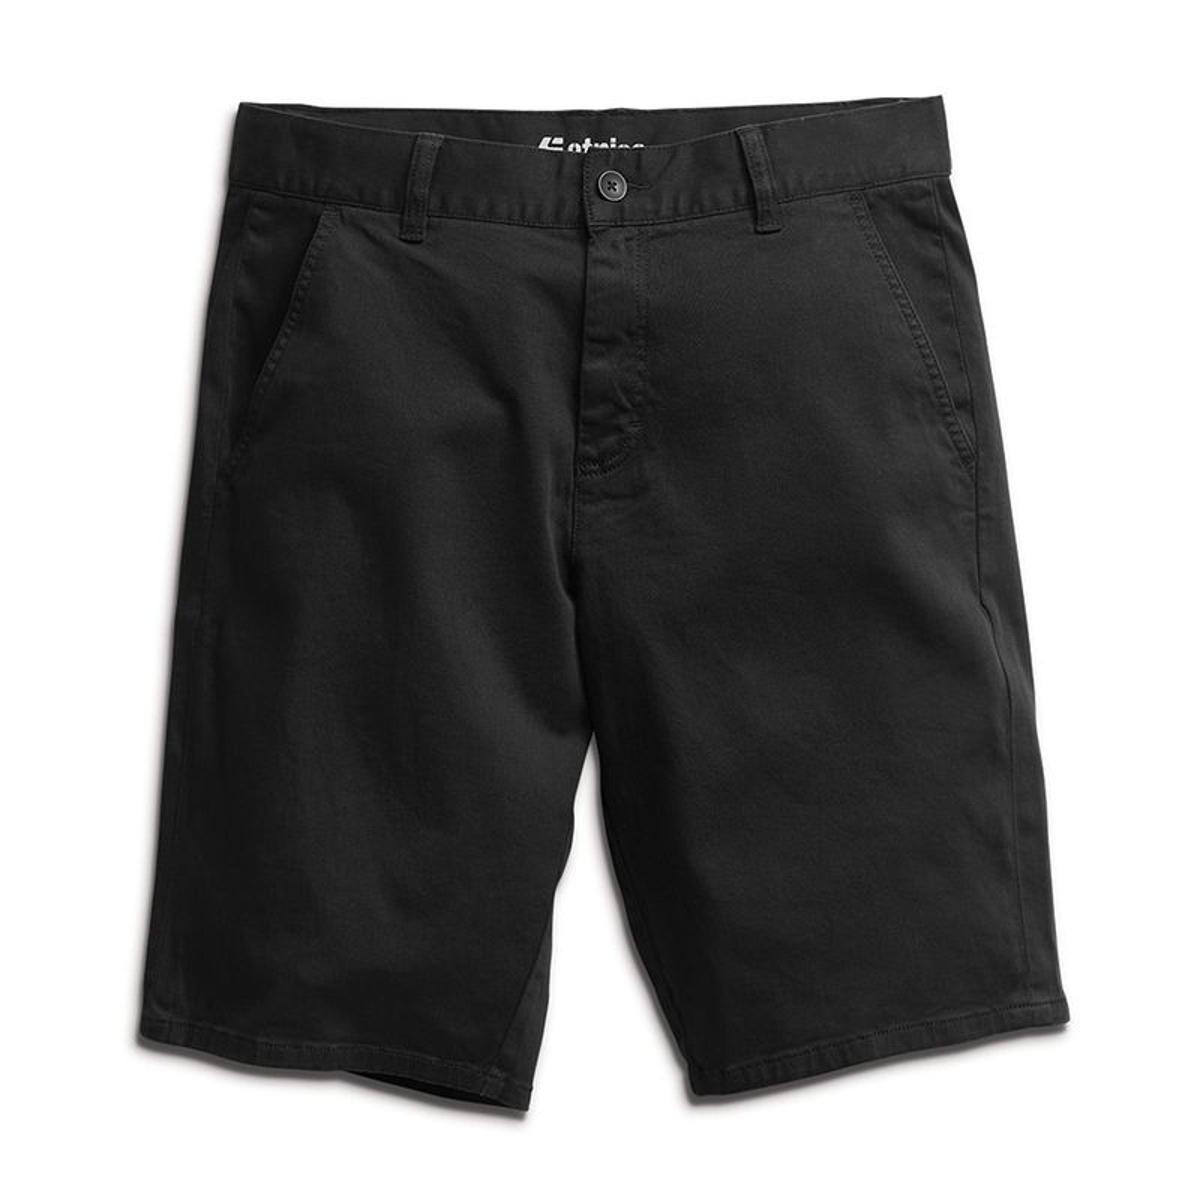 Short E1 CHINO